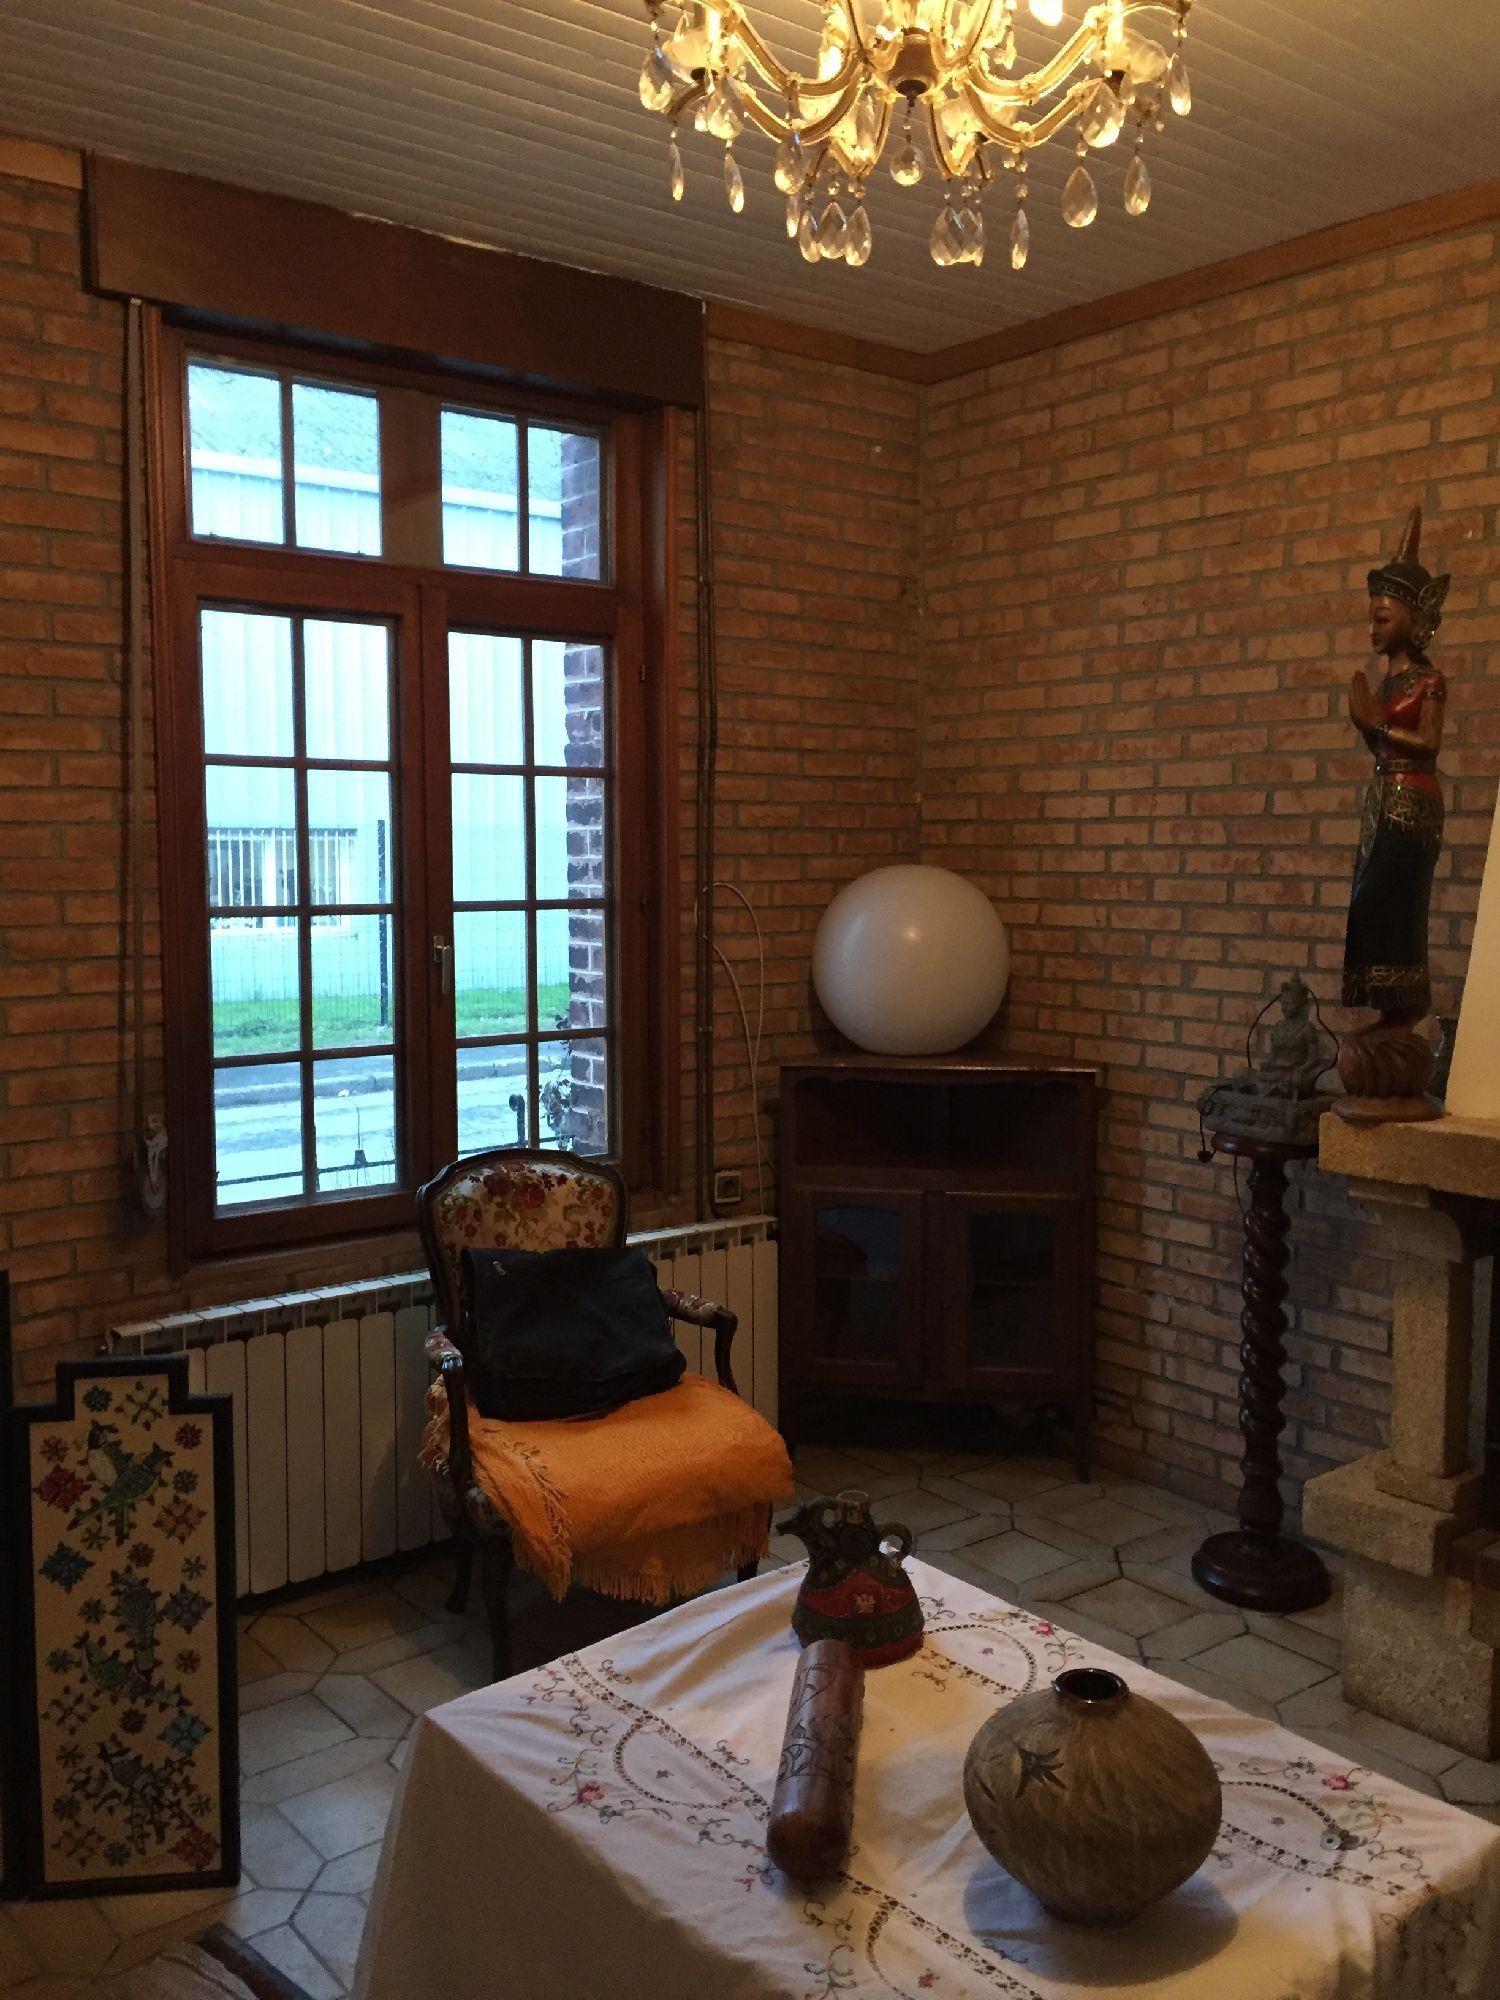 Vente maison bruay sur l escaut prix 74 000 hni - Surface habitable minimum d une chambre ...